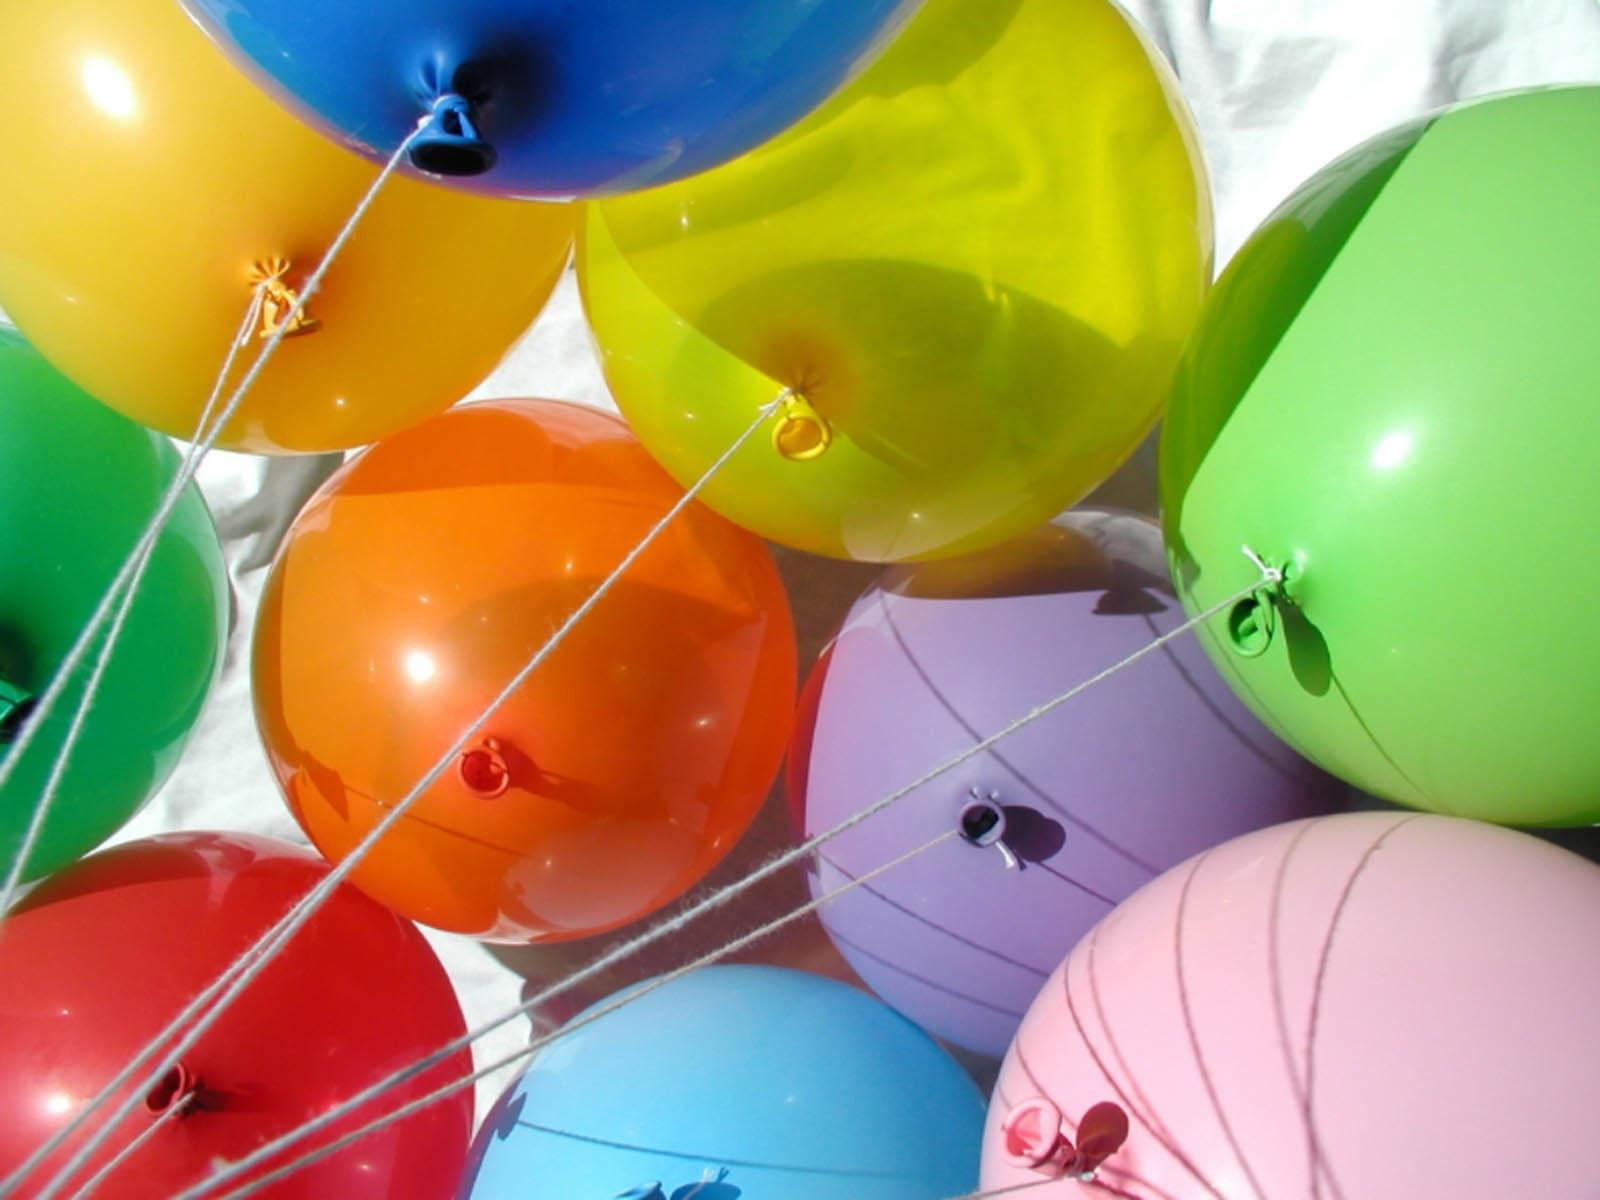 http://4.bp.blogspot.com/-3KtzyFUzEA8/UBII9Ku8ITI/AAAAAAAAGKs/MjxjMfyBdog/s1600/Balloons+Wallpapers+8.jpg